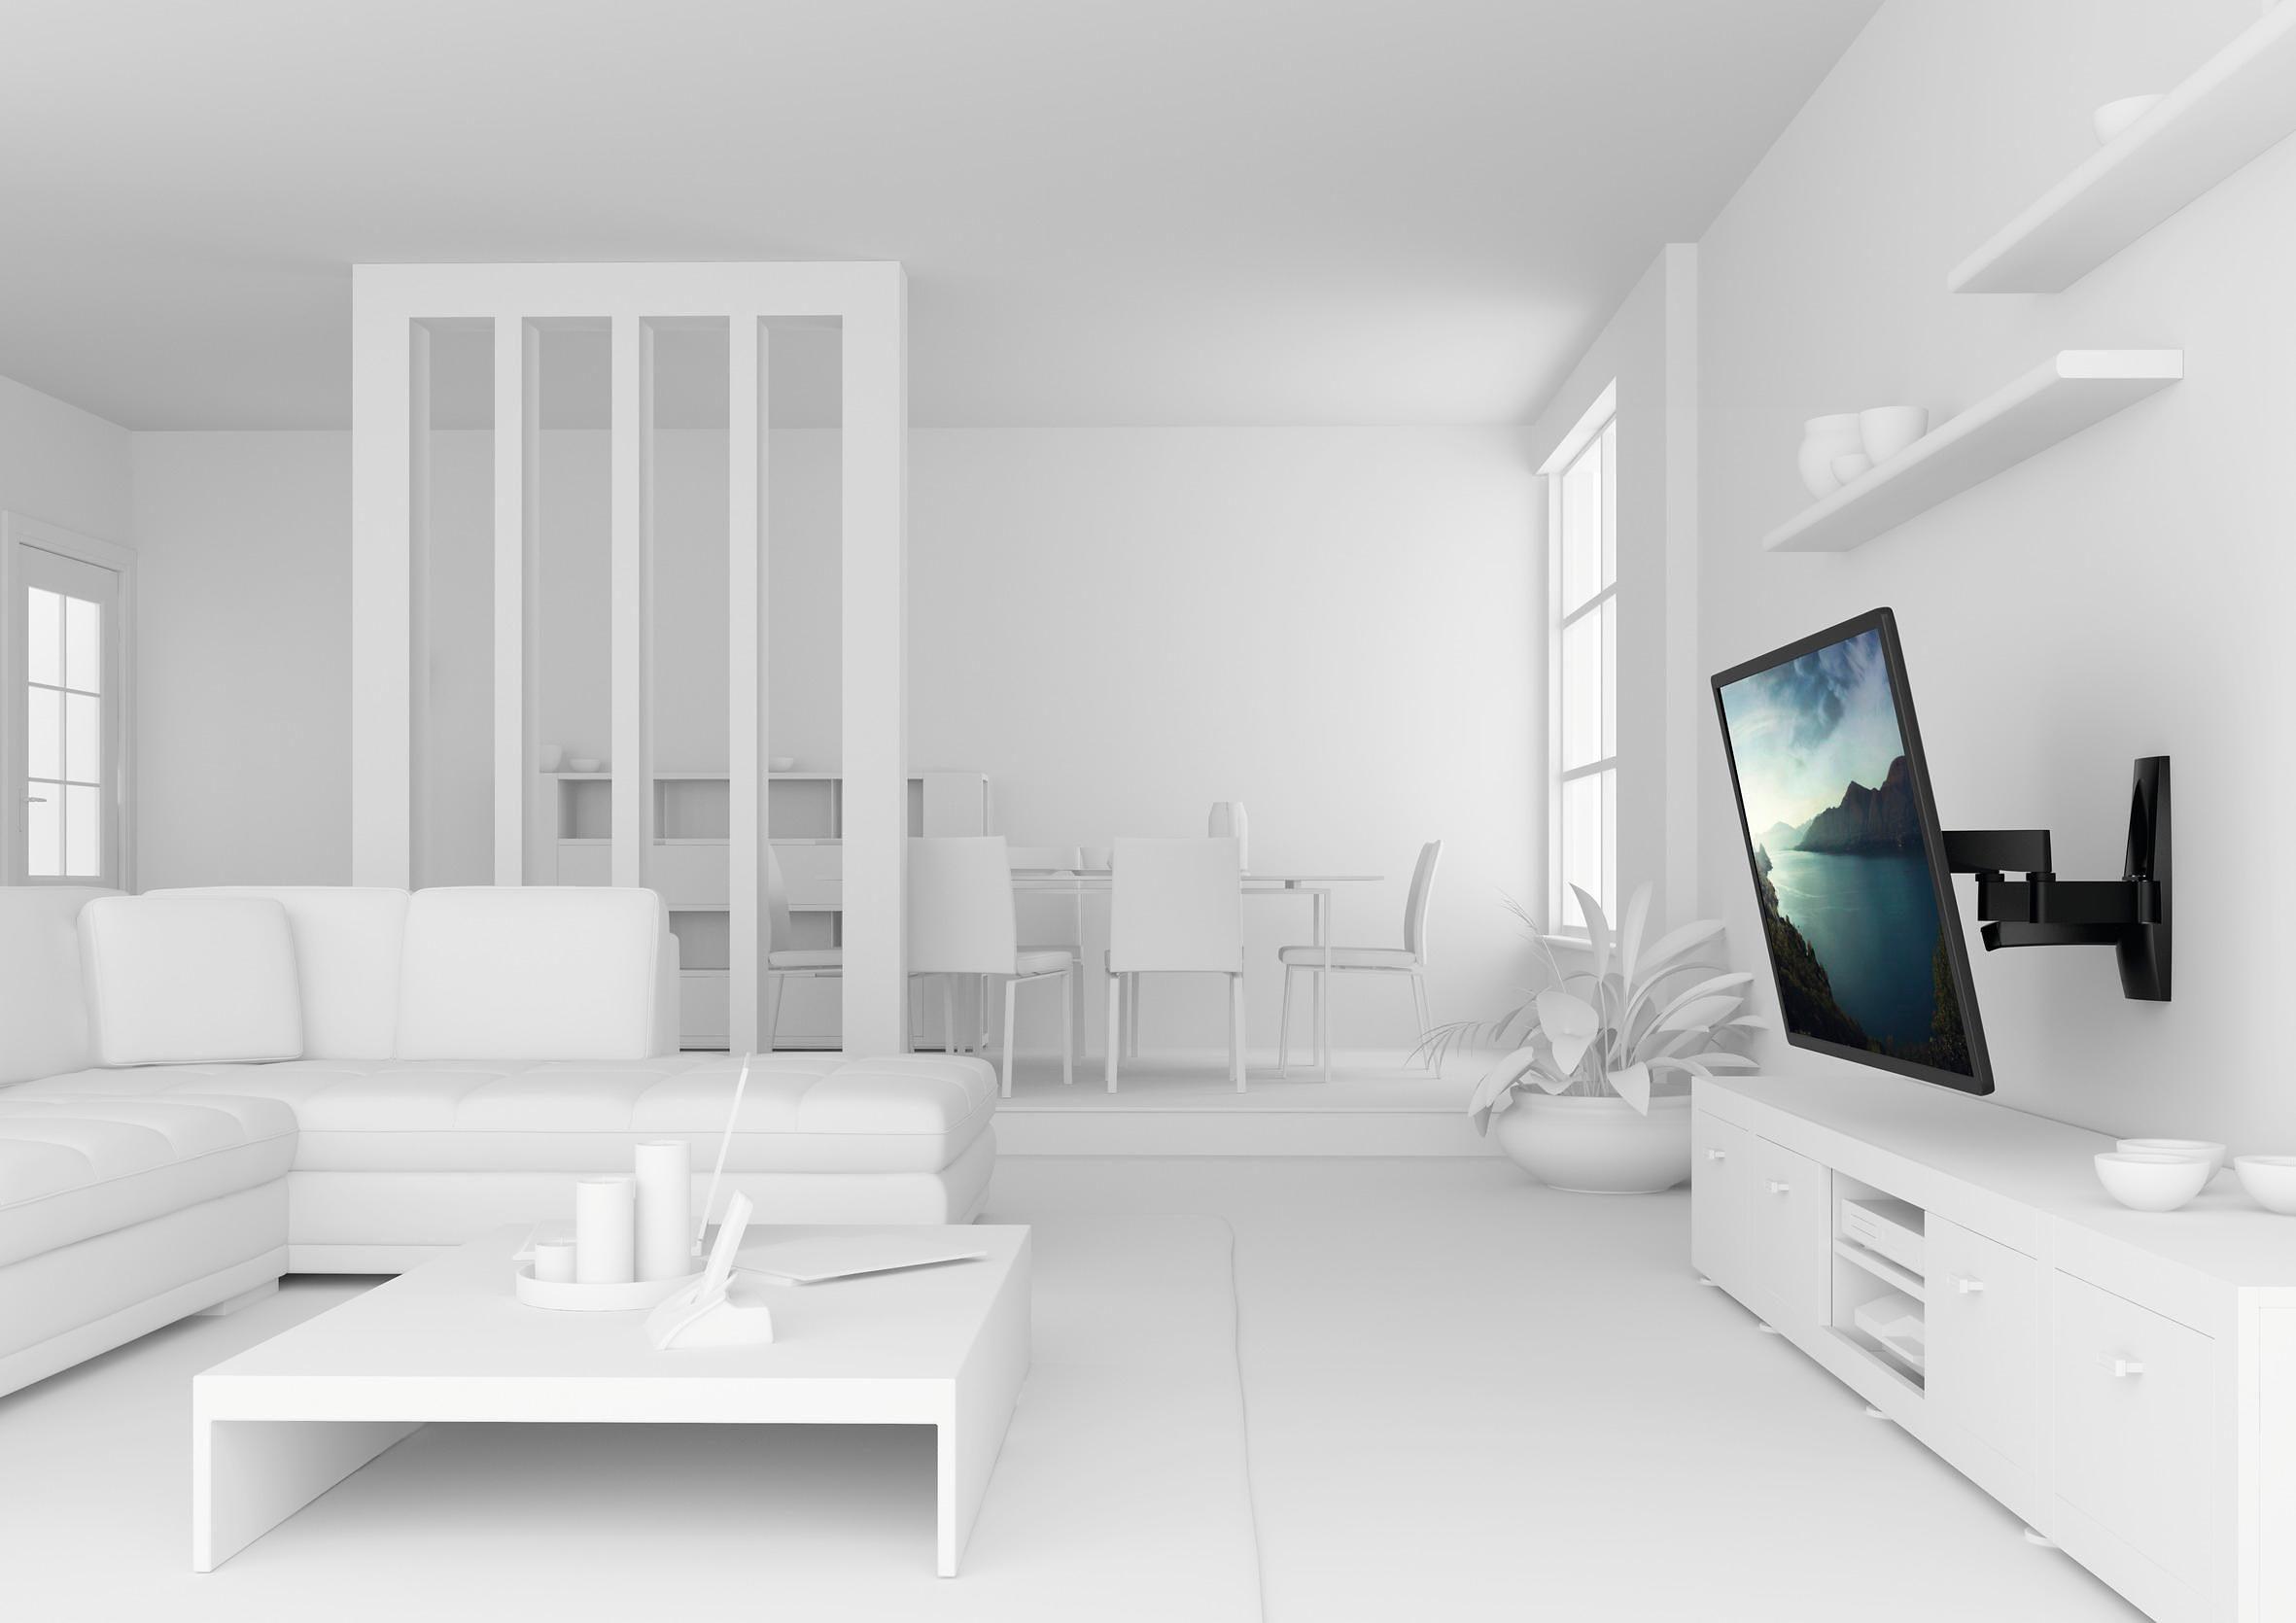 vogel's® TV-Wandhalterung »WALL 2250« schwenkbar, für 81-140 cm (32-55 Zoll) Fernseher, VESA 400x400